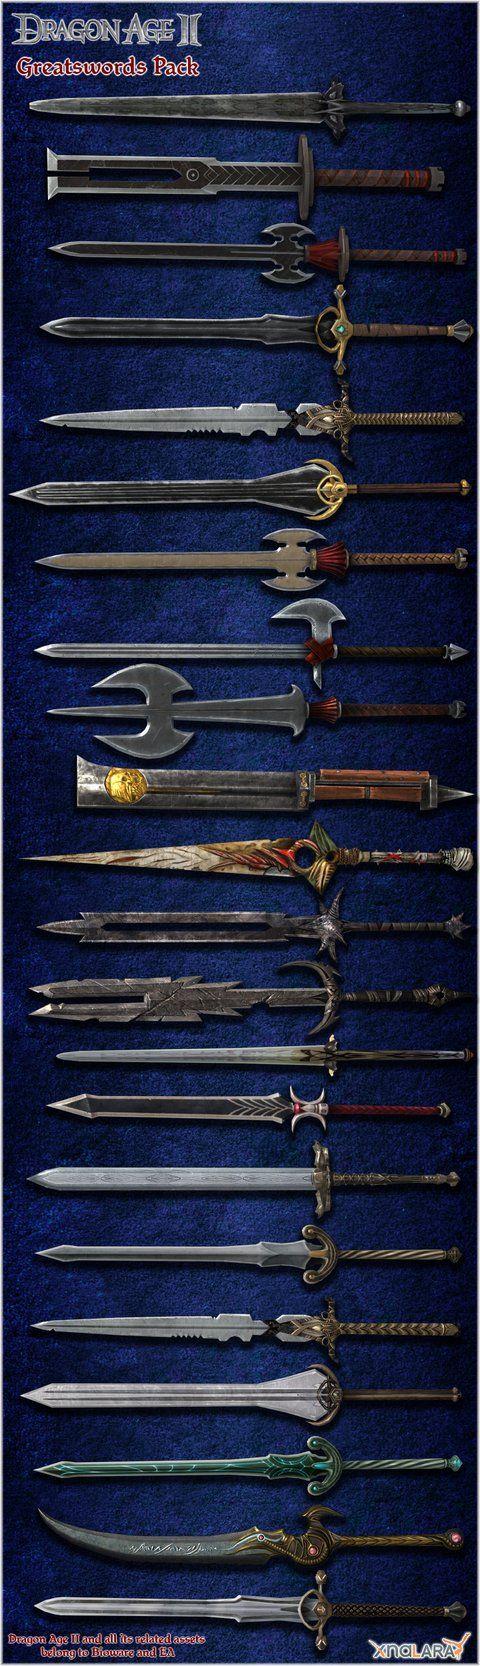 Dragon Age II: Greatswords Model Pack by Berserker79 on DeviantArt